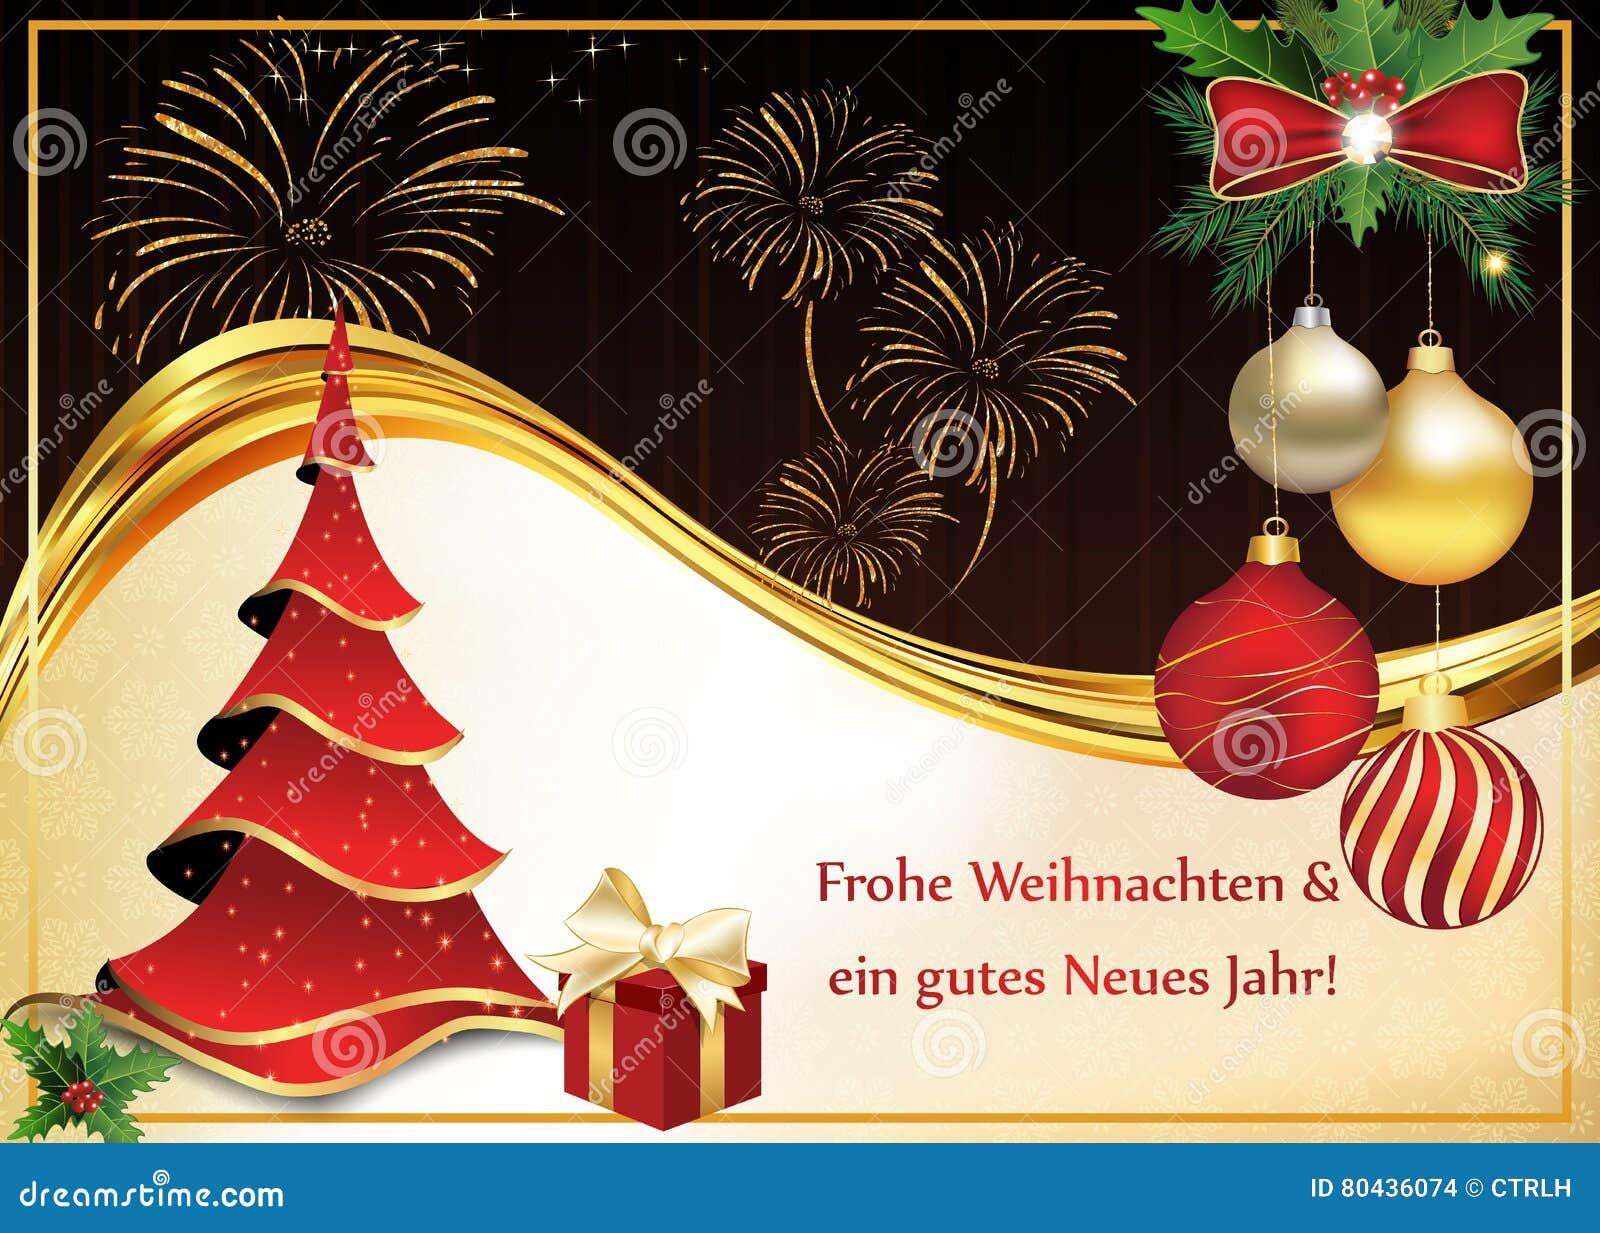 Deutsche Grusskarte Fur Weihnachten Und Neues Jahr Stock